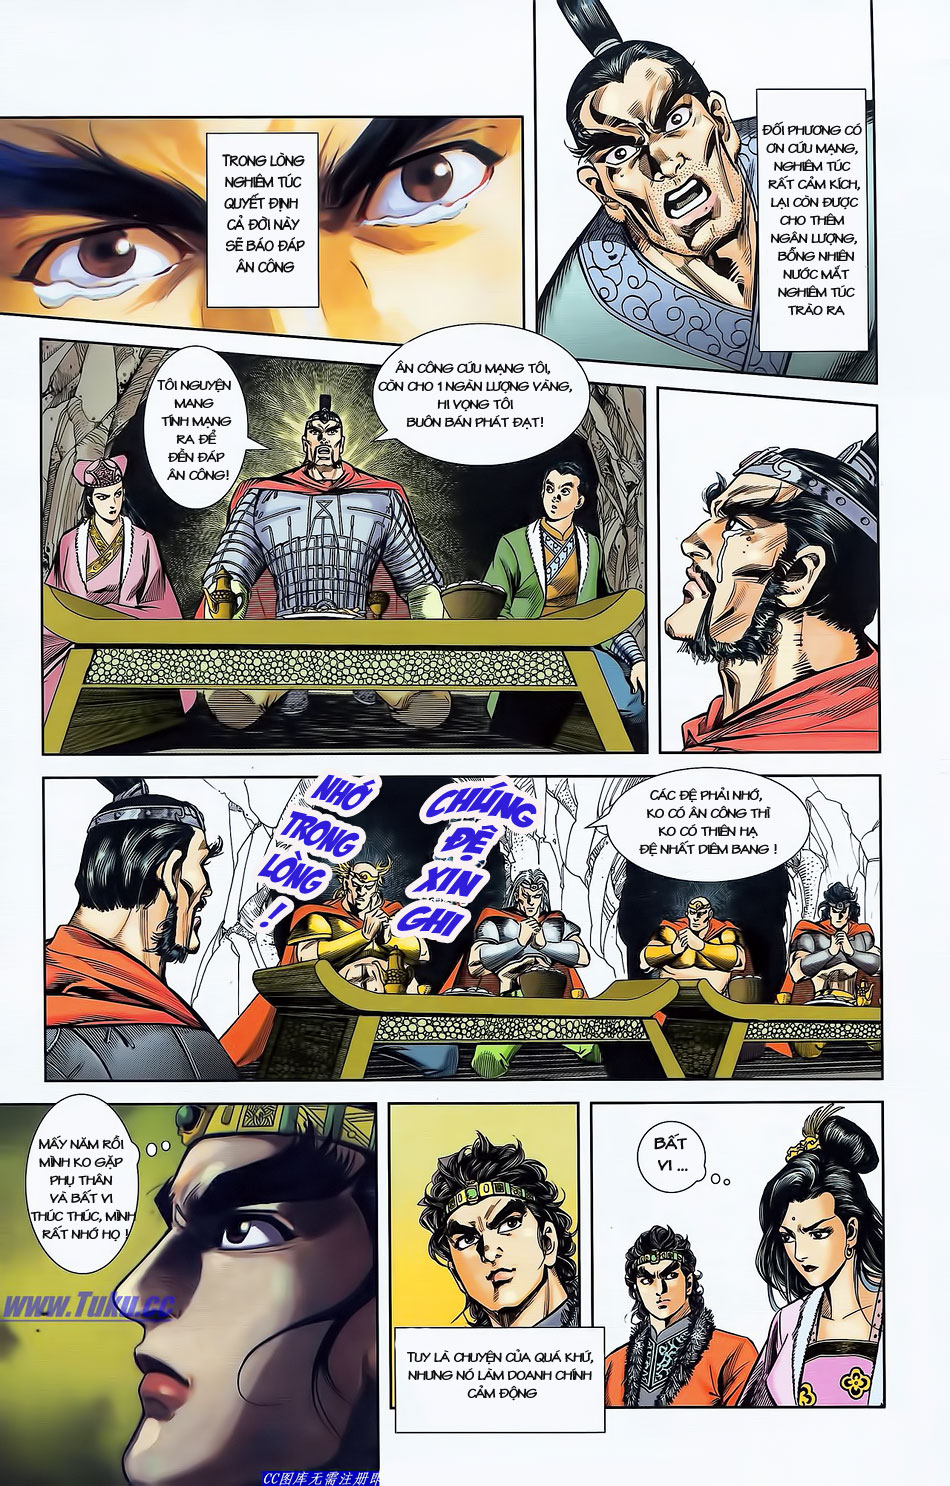 Tần Vương Doanh Chính chapter 4 trang 26